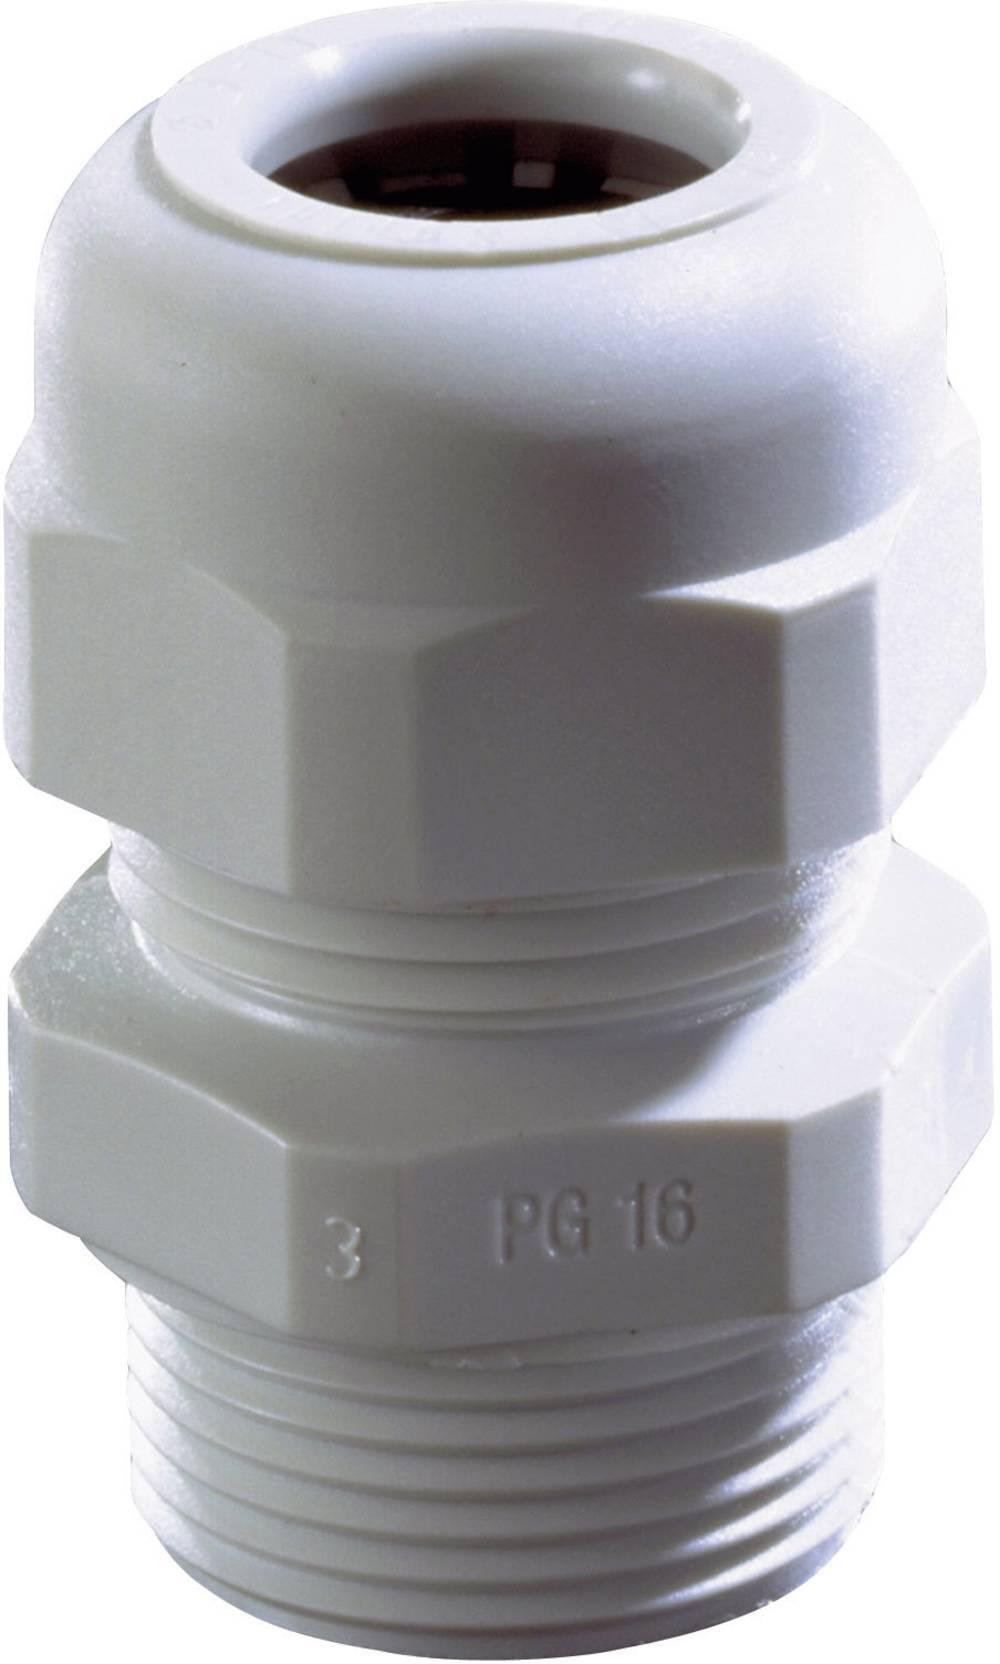 Kabelska uvodnica PG42 poliamid sive boje Wiska SKV PG 42 RAL 7035 1 kom.